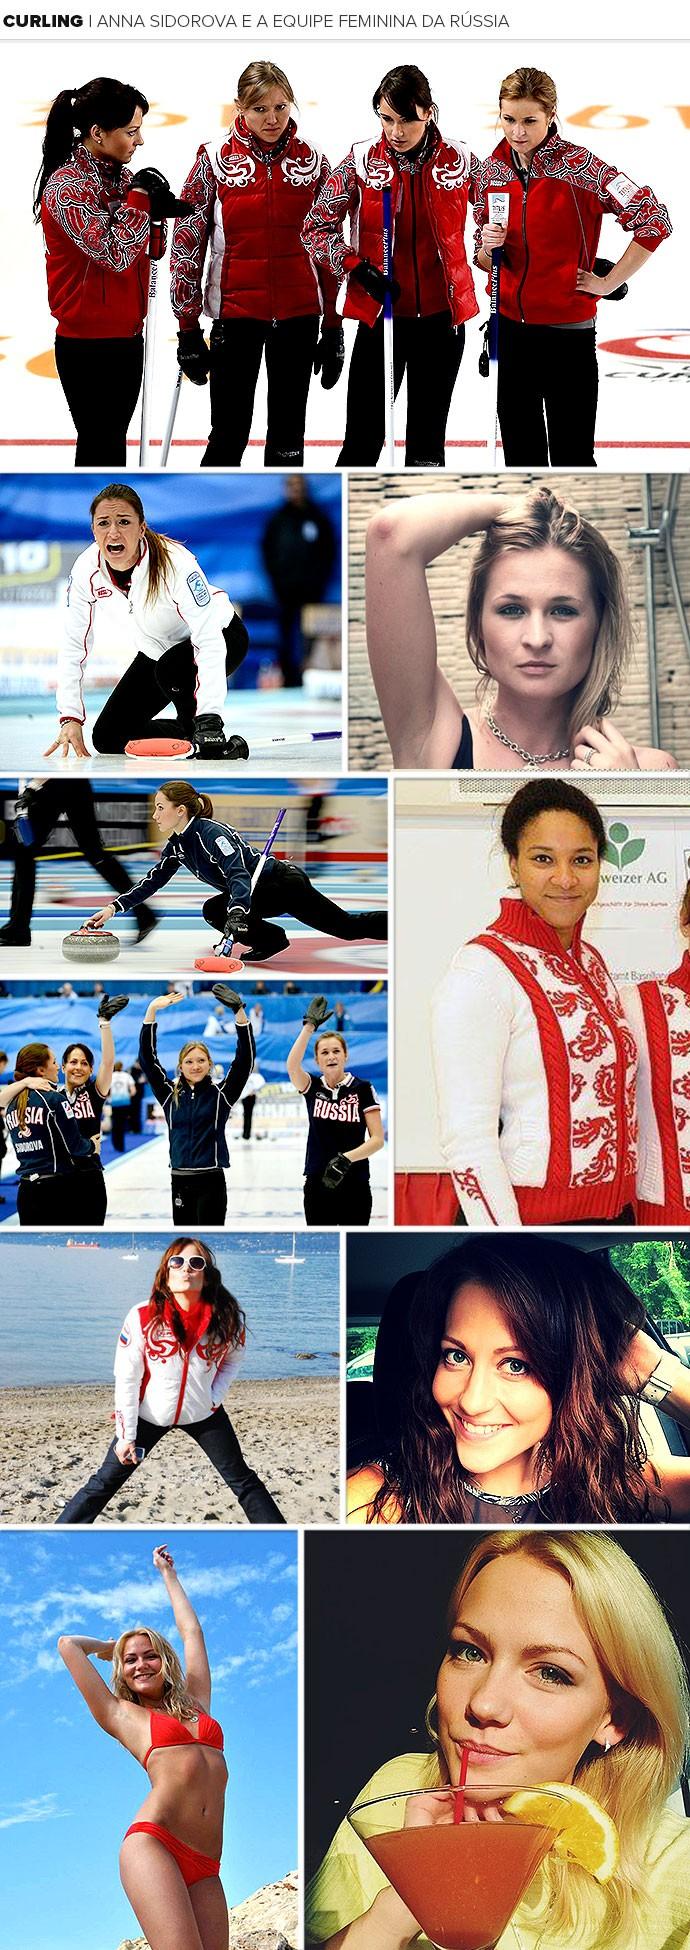 Mosaico Anna Sidorova curling Rússia (Foto: Editoria de Arte)